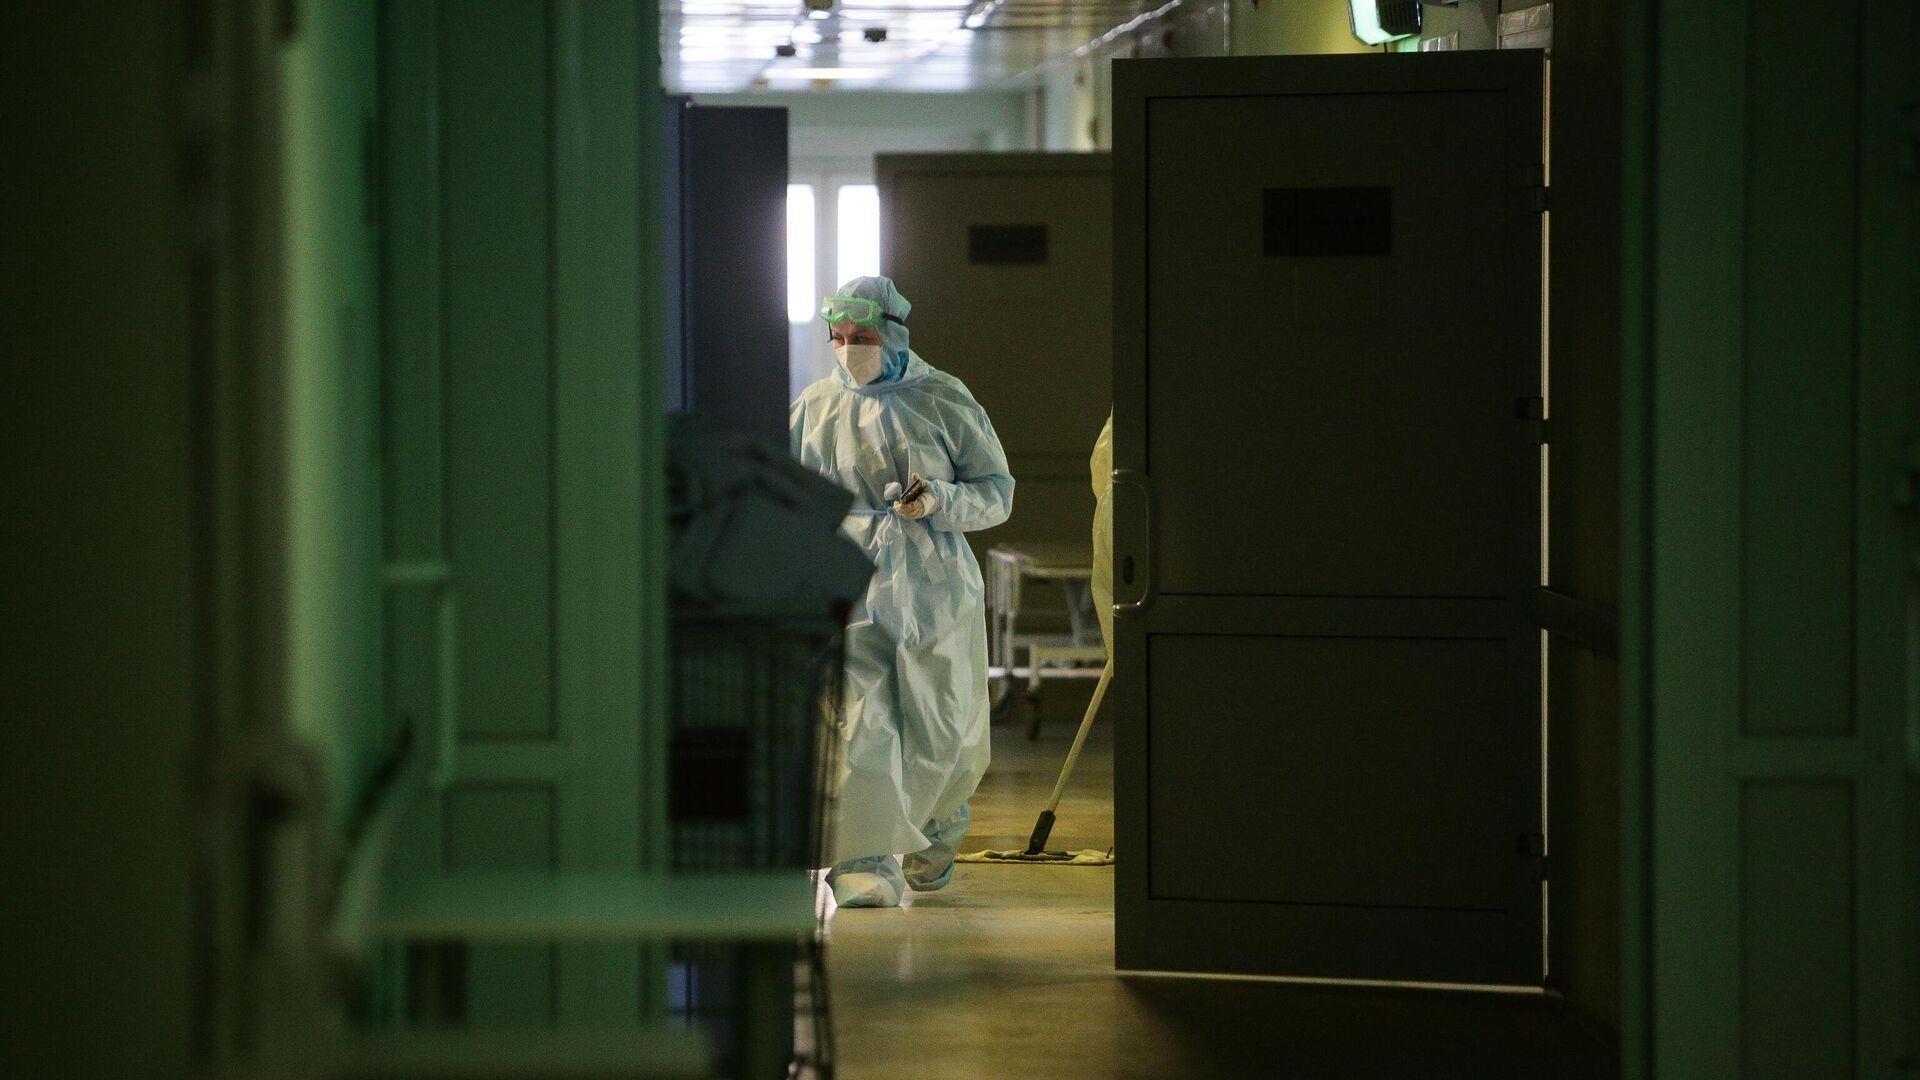 Медик в защитном противоэпидемическом костюме идет по коридору Новосибирской областной клинической больницы - РИА Новости, 1920, 13.01.2021